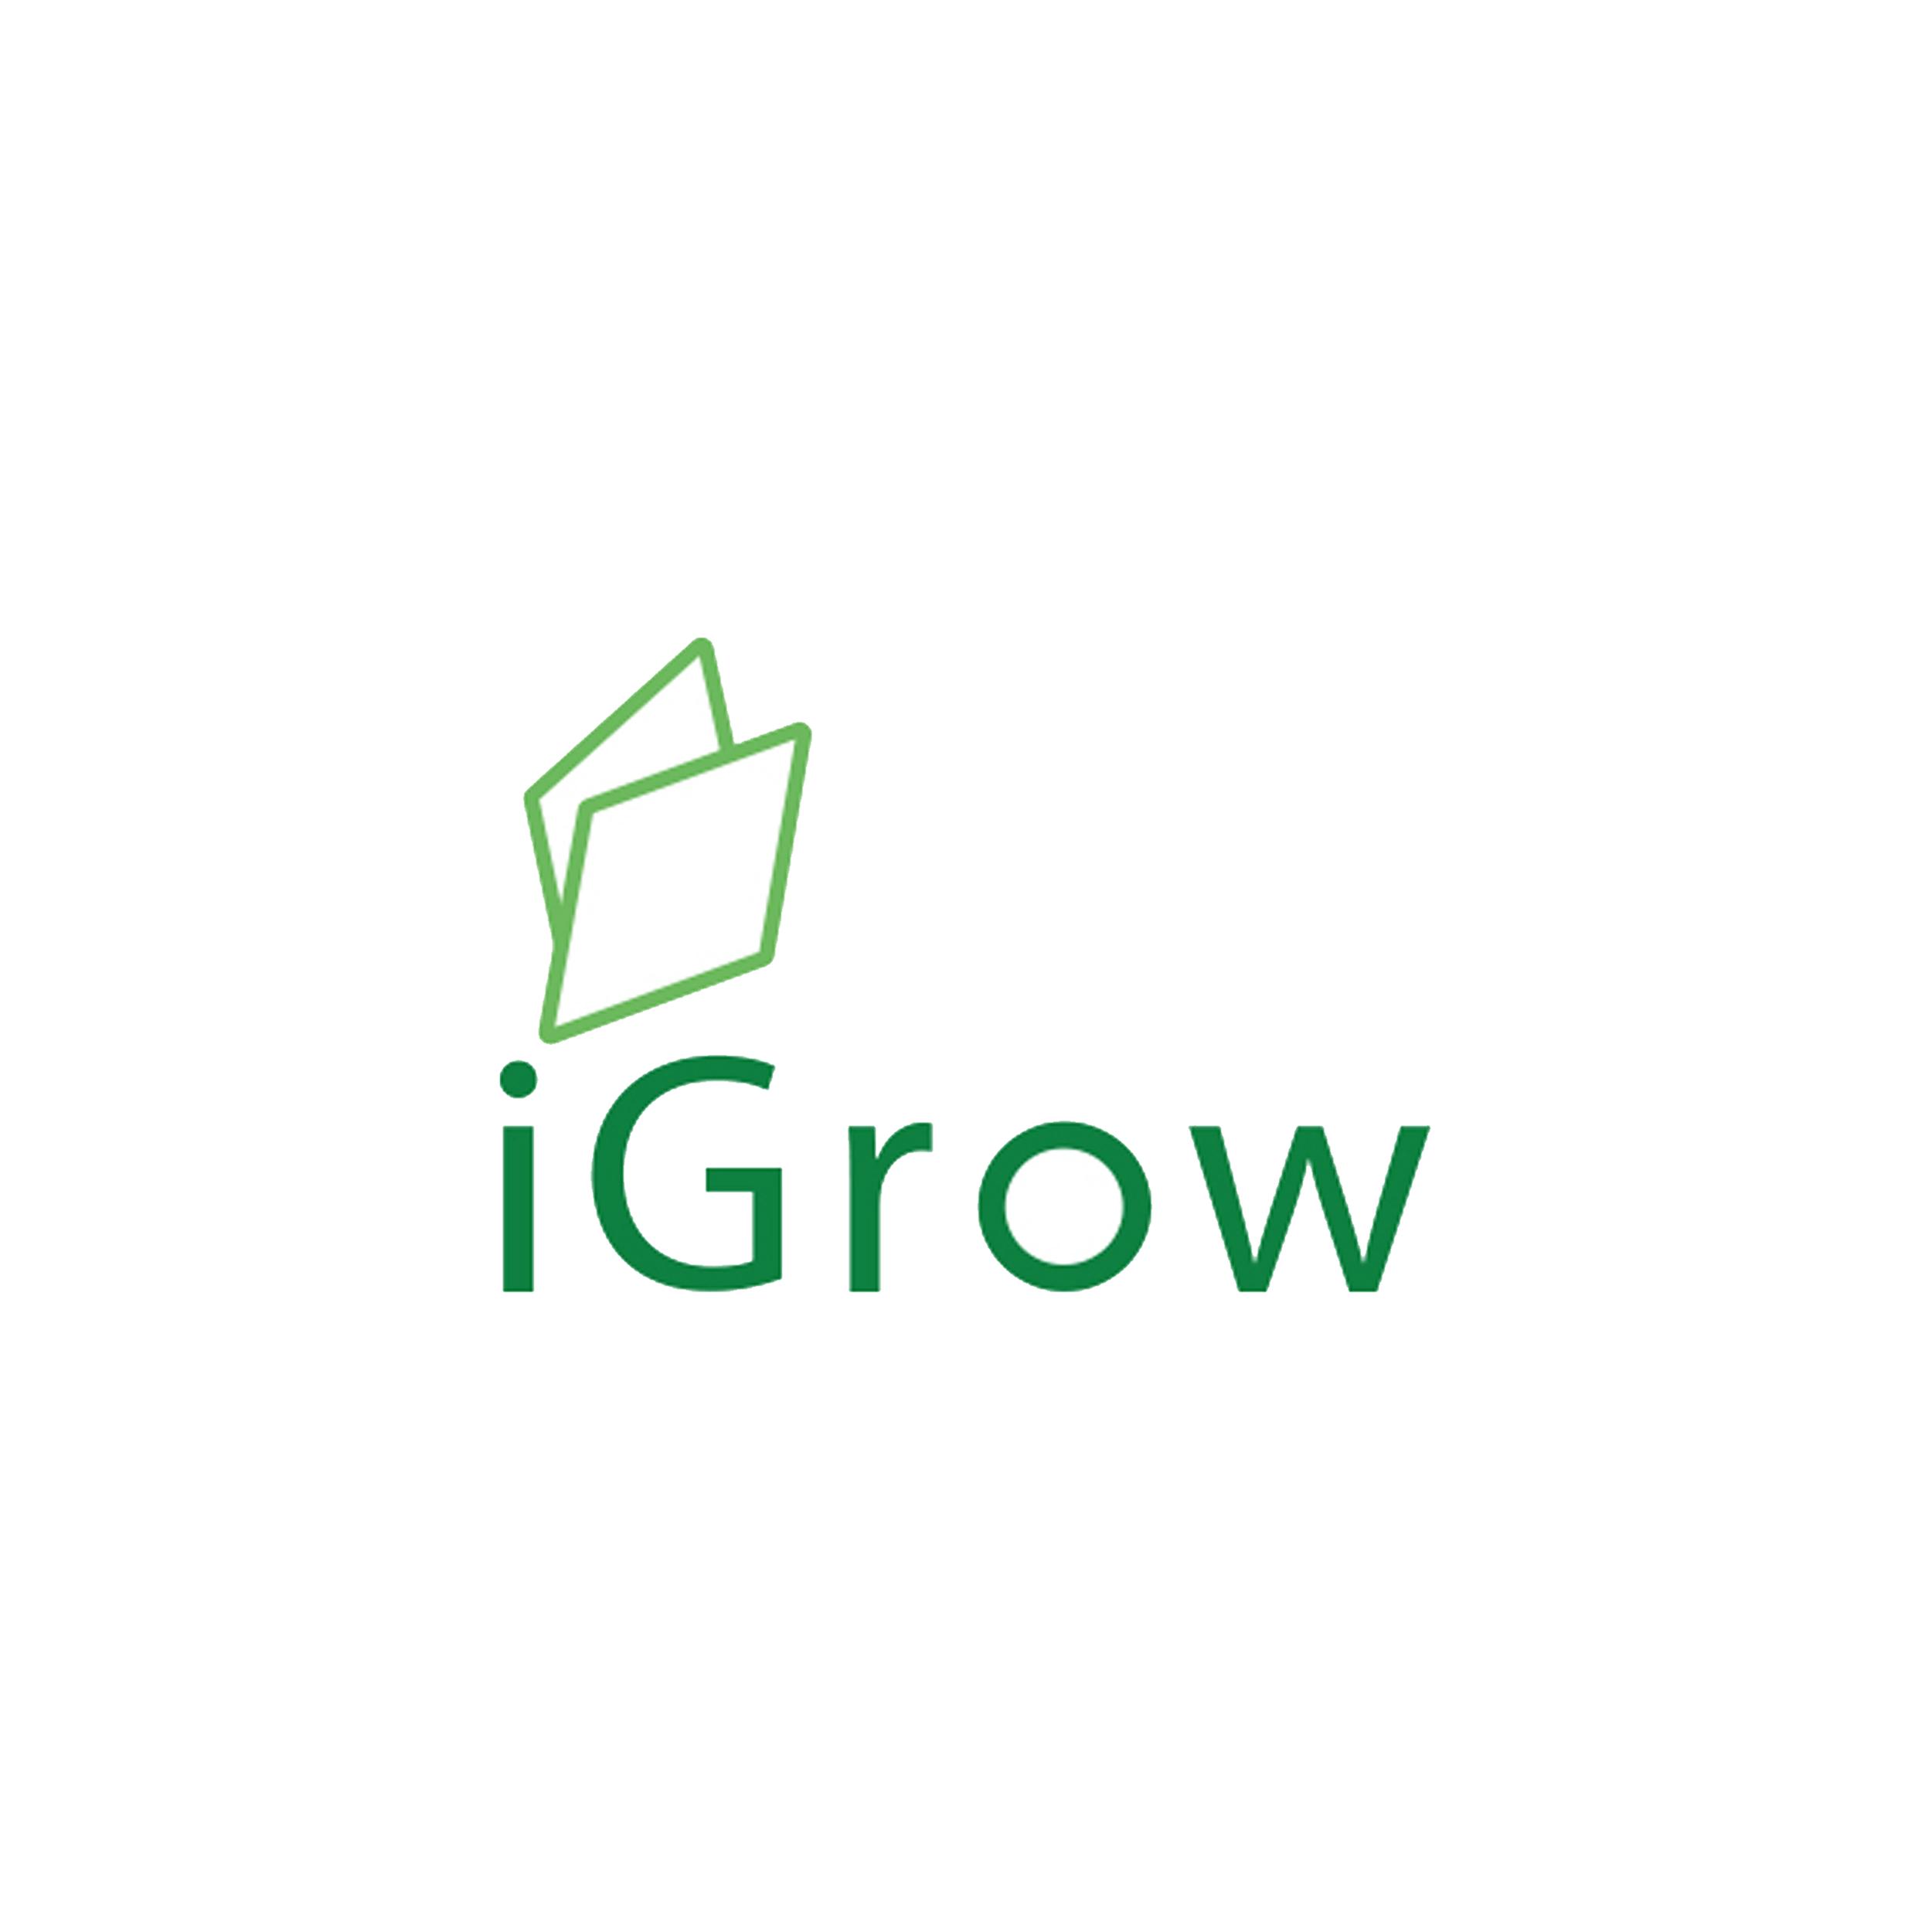 iGrowLogo.png